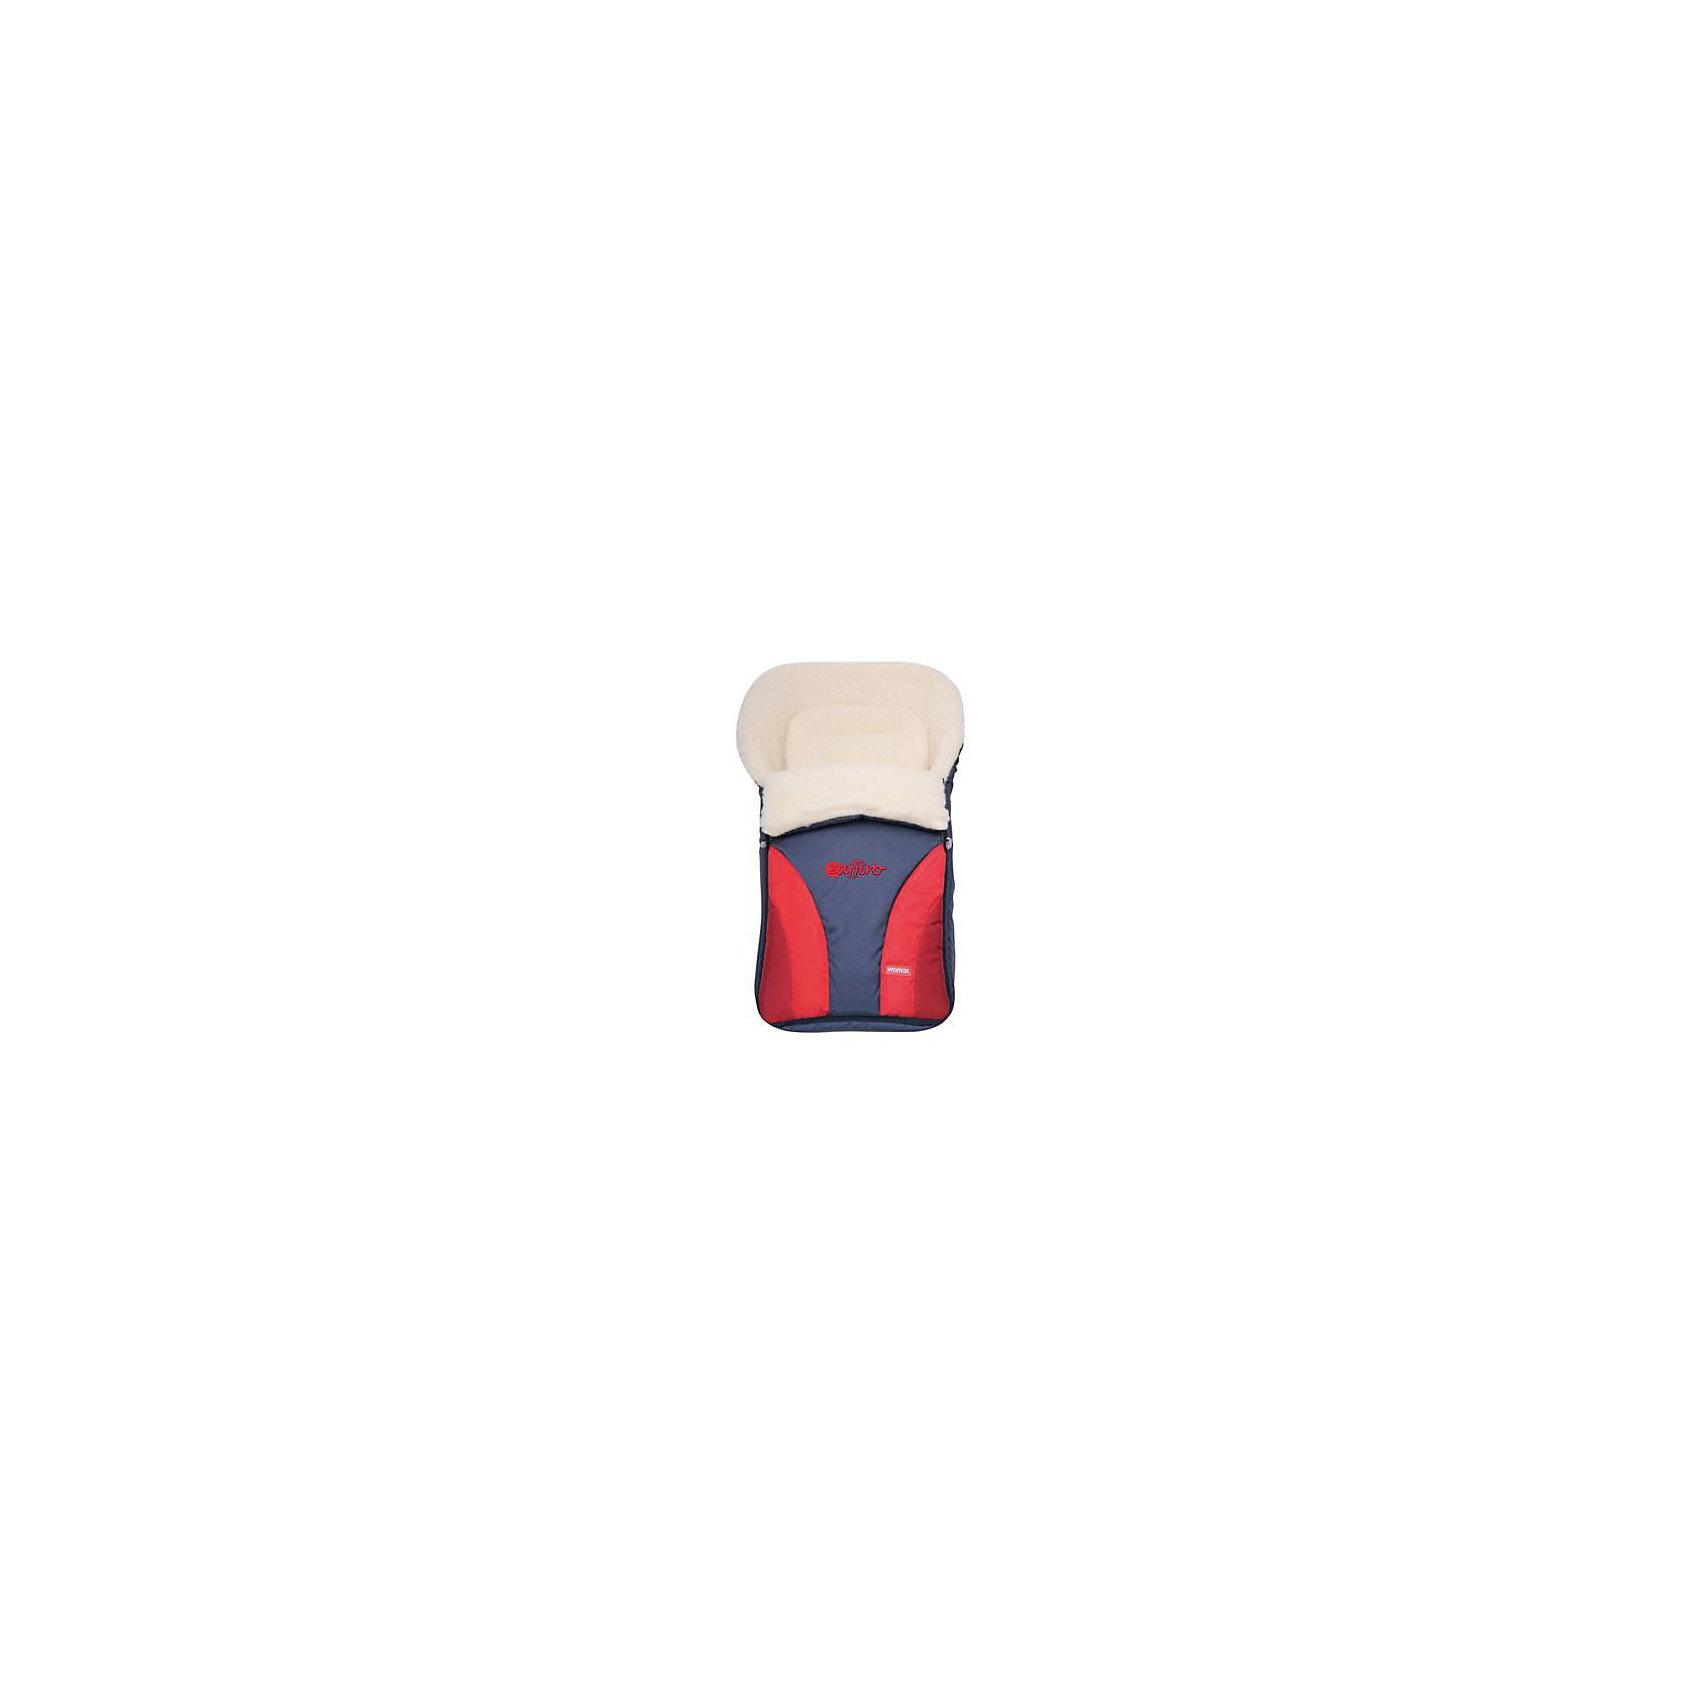 Womar Конверт зимний Crocus №24, 95*50, шерсть, Womar, красный конверт детский womar womar конверт в коляску зимний wintry шерсть цветки розовые